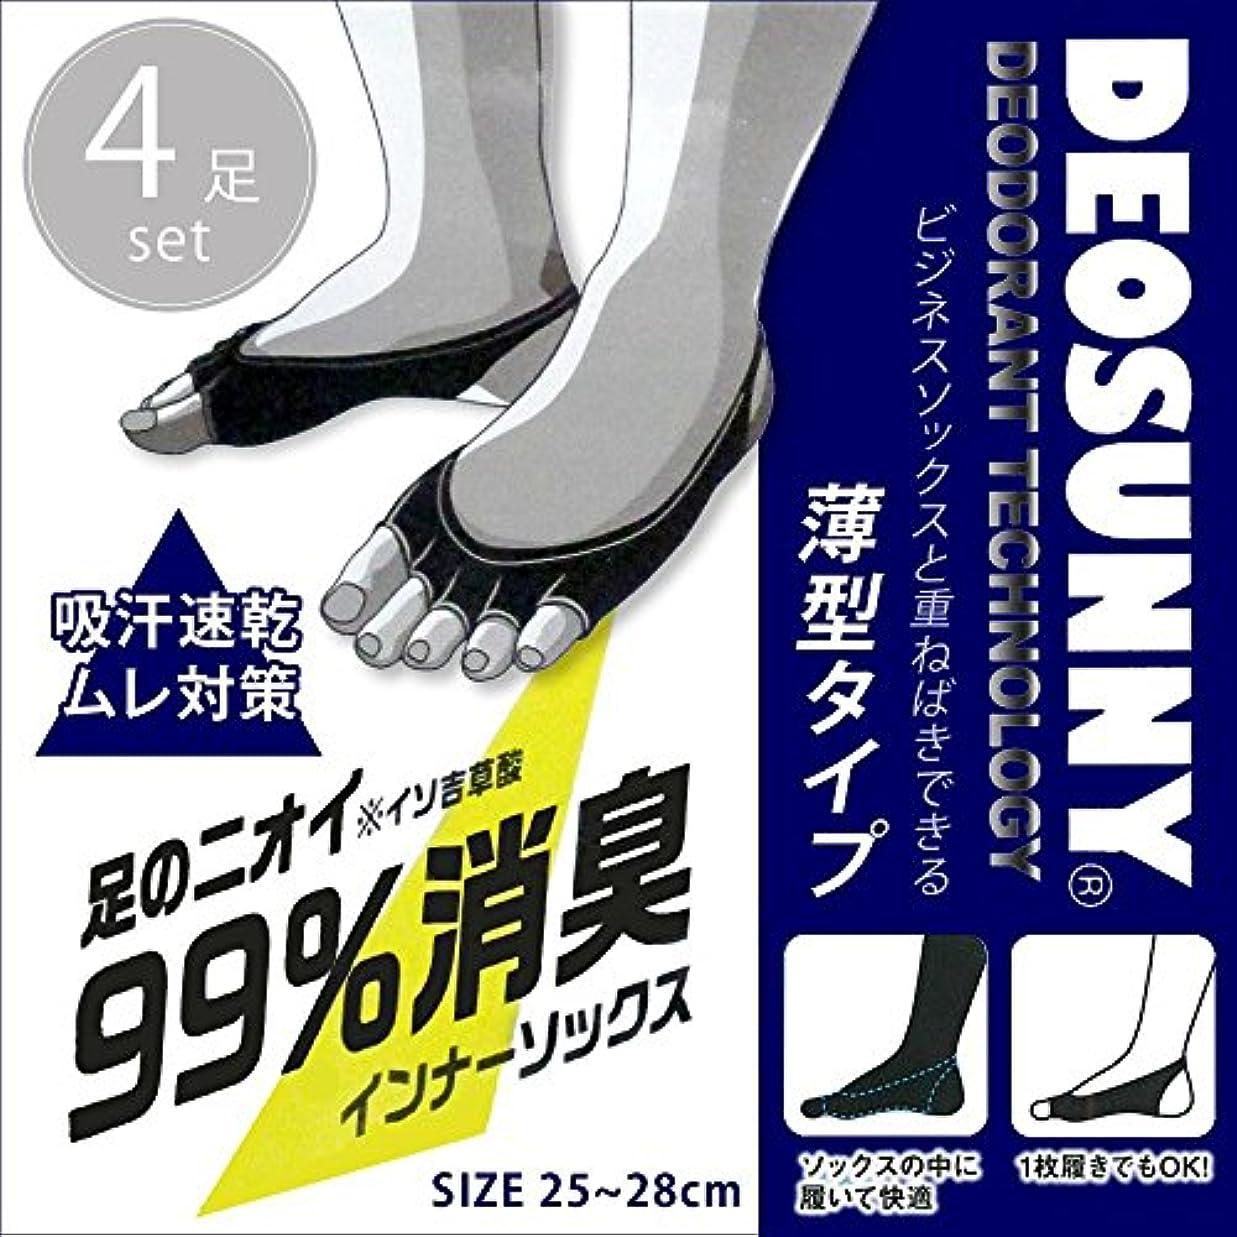 頑固なステッチDEOSUNNY デオサニー 高機能消臭 抗菌防臭×吸汗速乾 インナーソックス メンズ ブラック ×4足セット